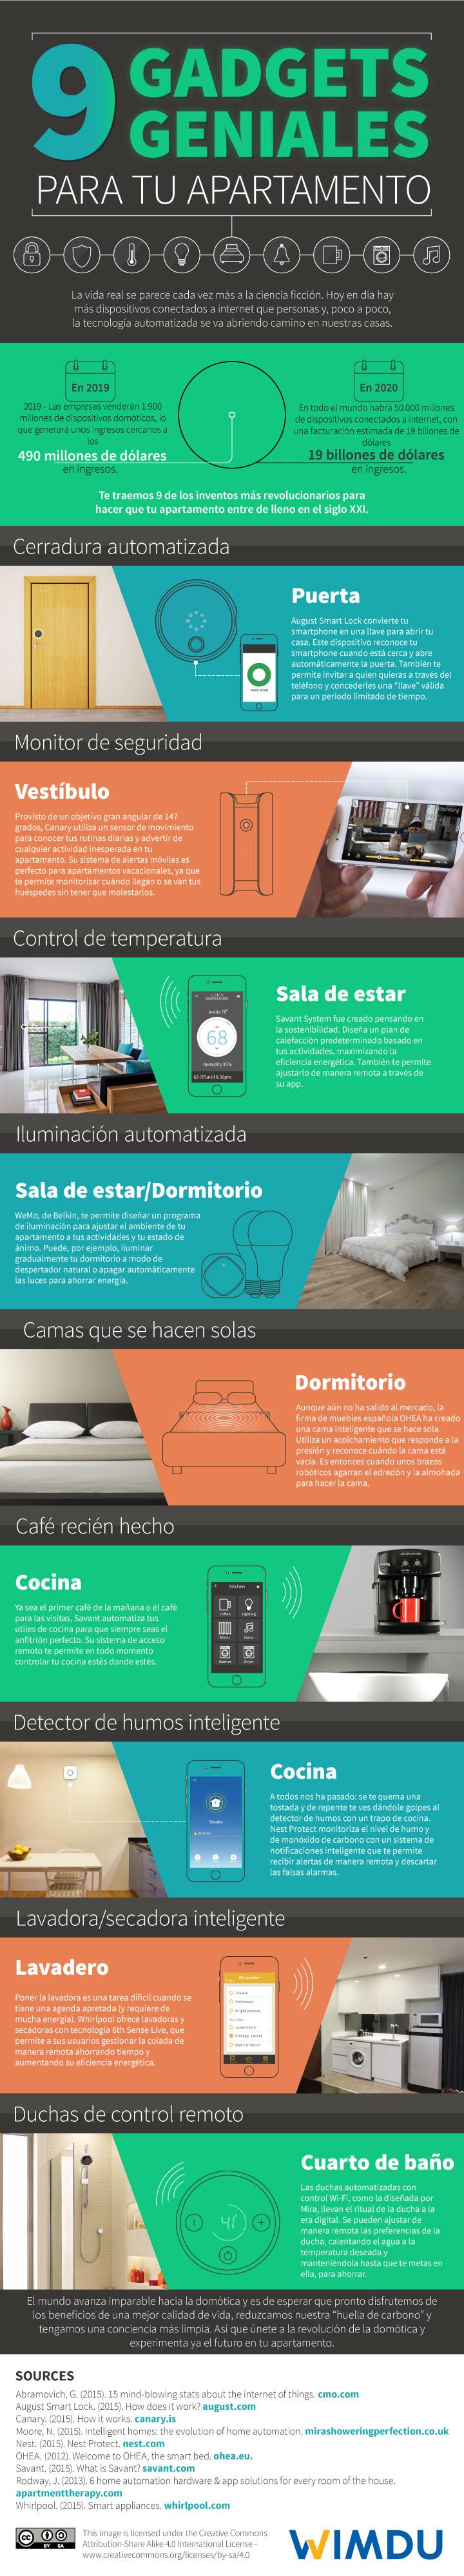 9 gadgets geniales para tu casa